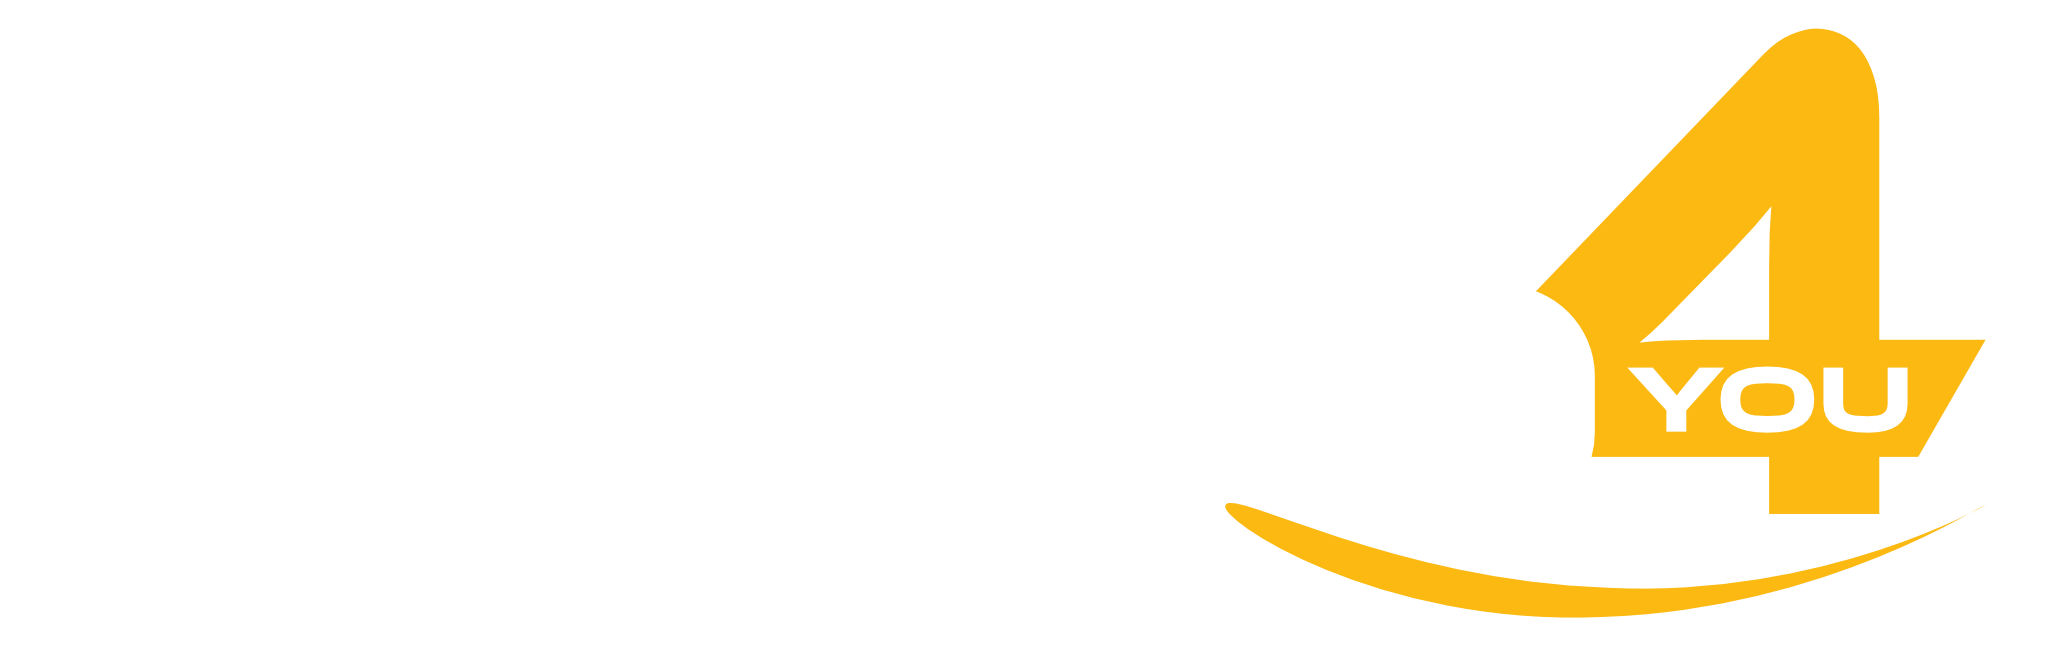 Energie-Sparen4You